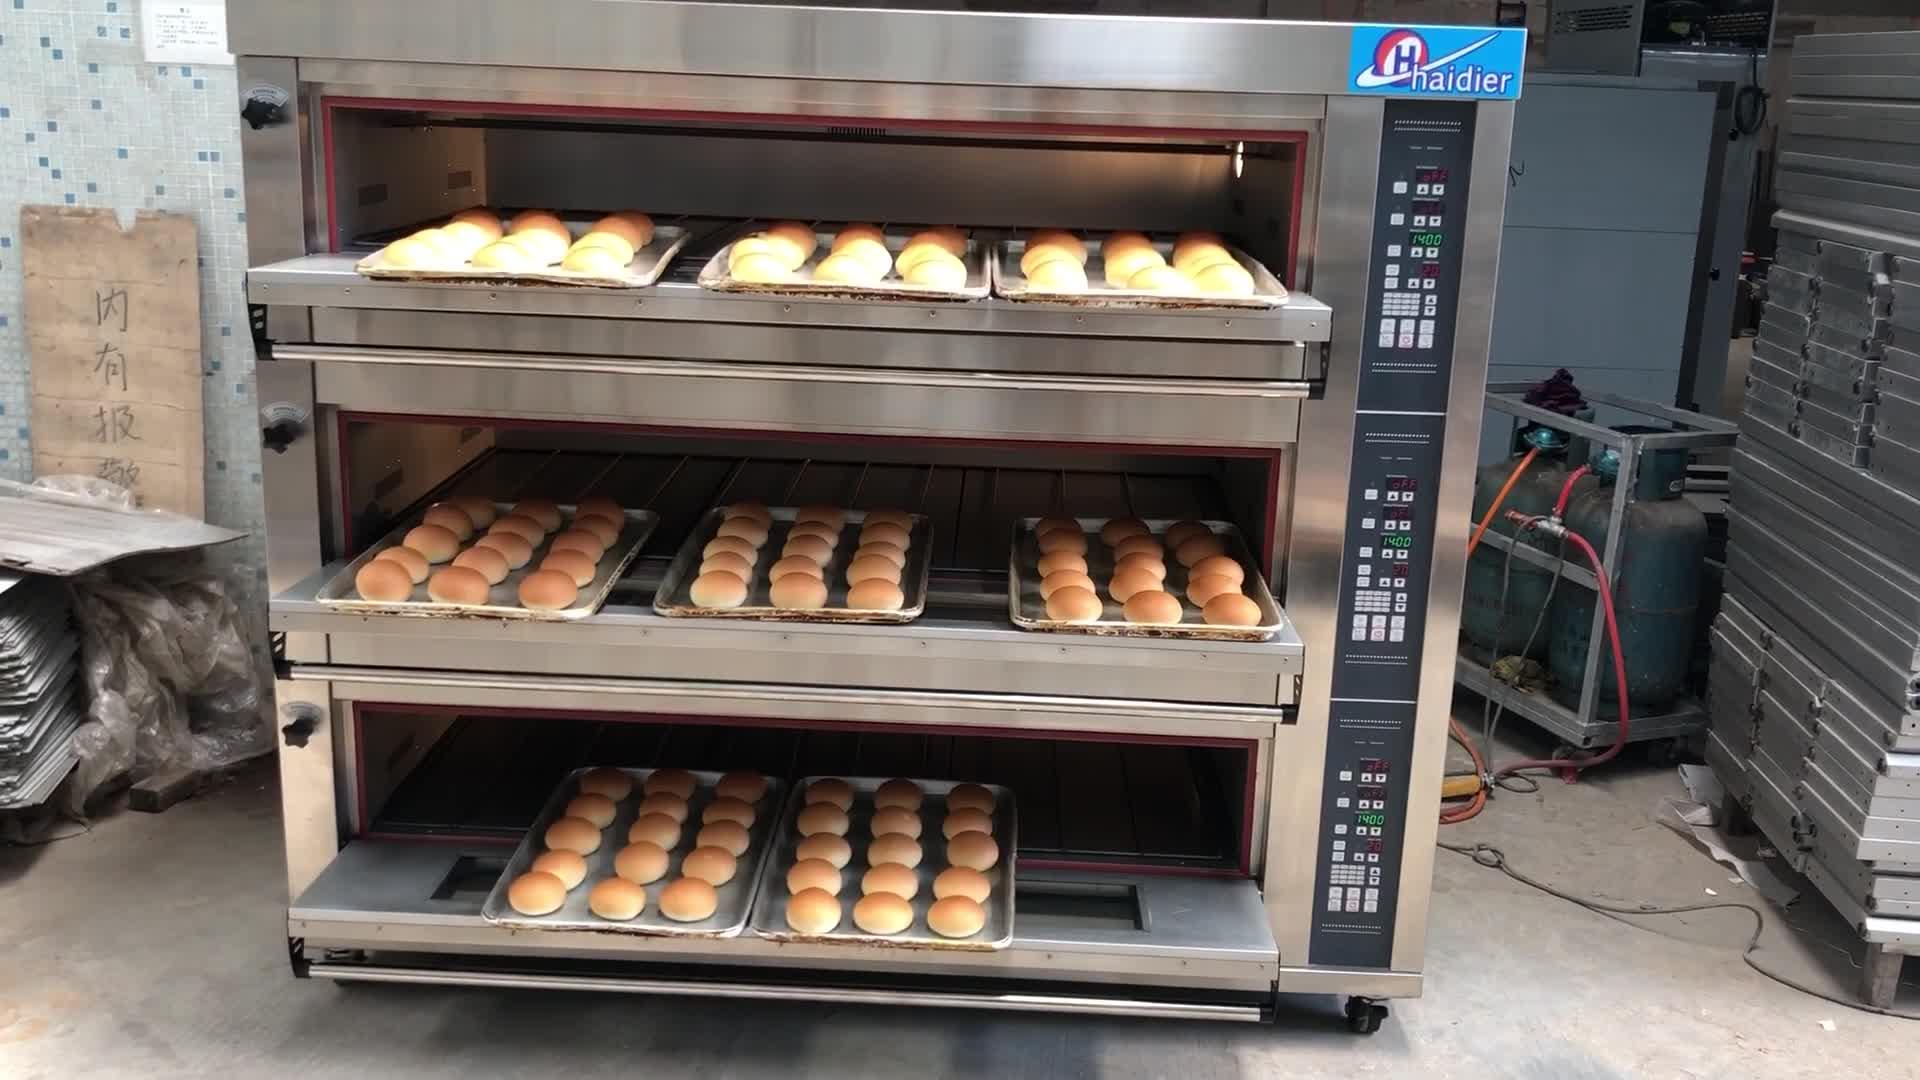 Haidier fırın ekipmanları 3 güverte fırın/Pizza ekmek pişirme küçük taşınabilir fırın/elektrikli 6 tepsiler güverte fırın